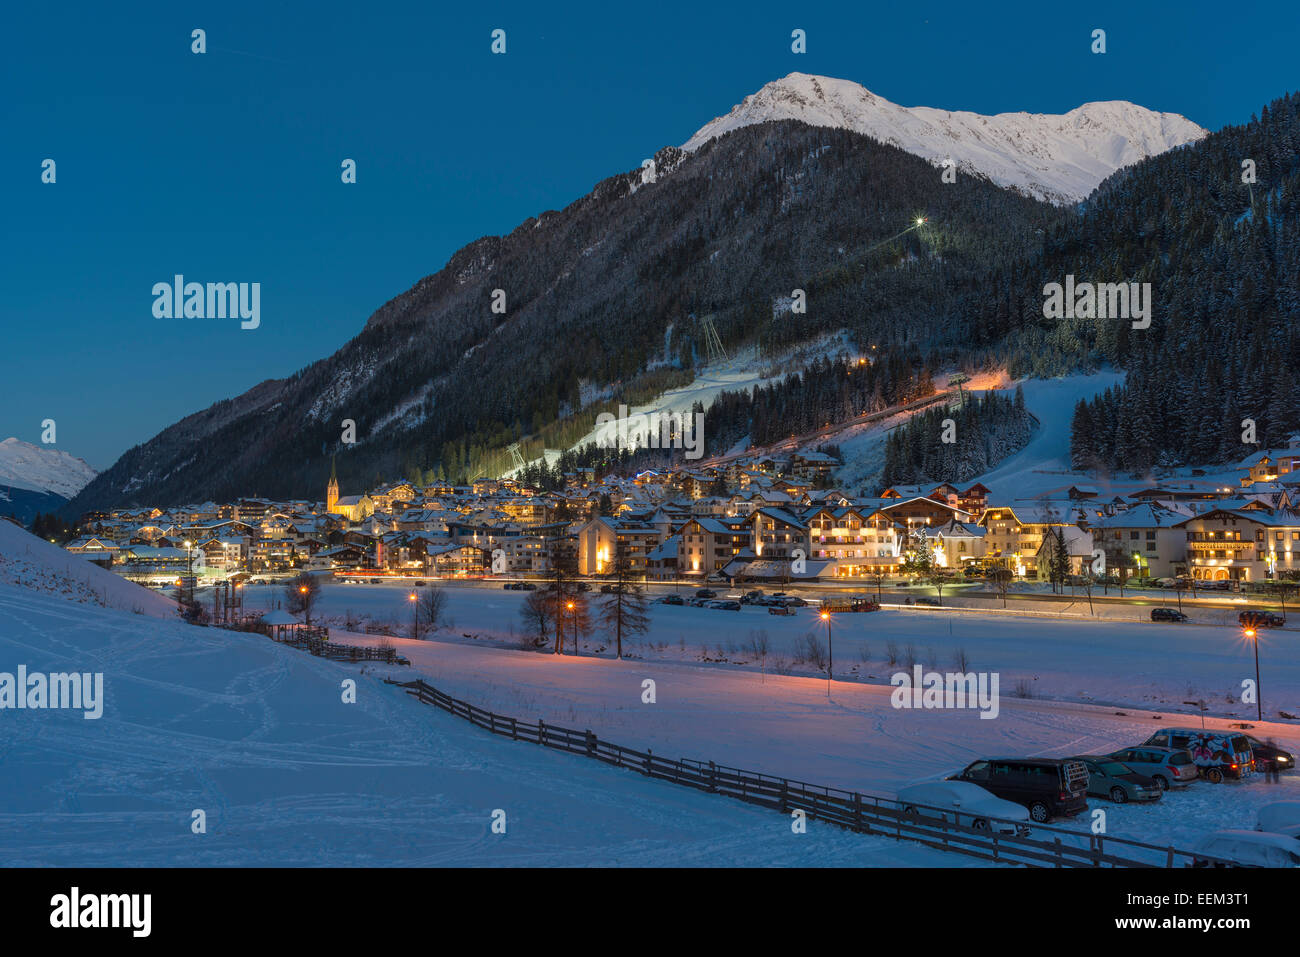 Vista de Ischgl, centro de deportes de invierno durante la noche, Ischgl, valle de Paznaun, Tirol, Austria Foto de stock